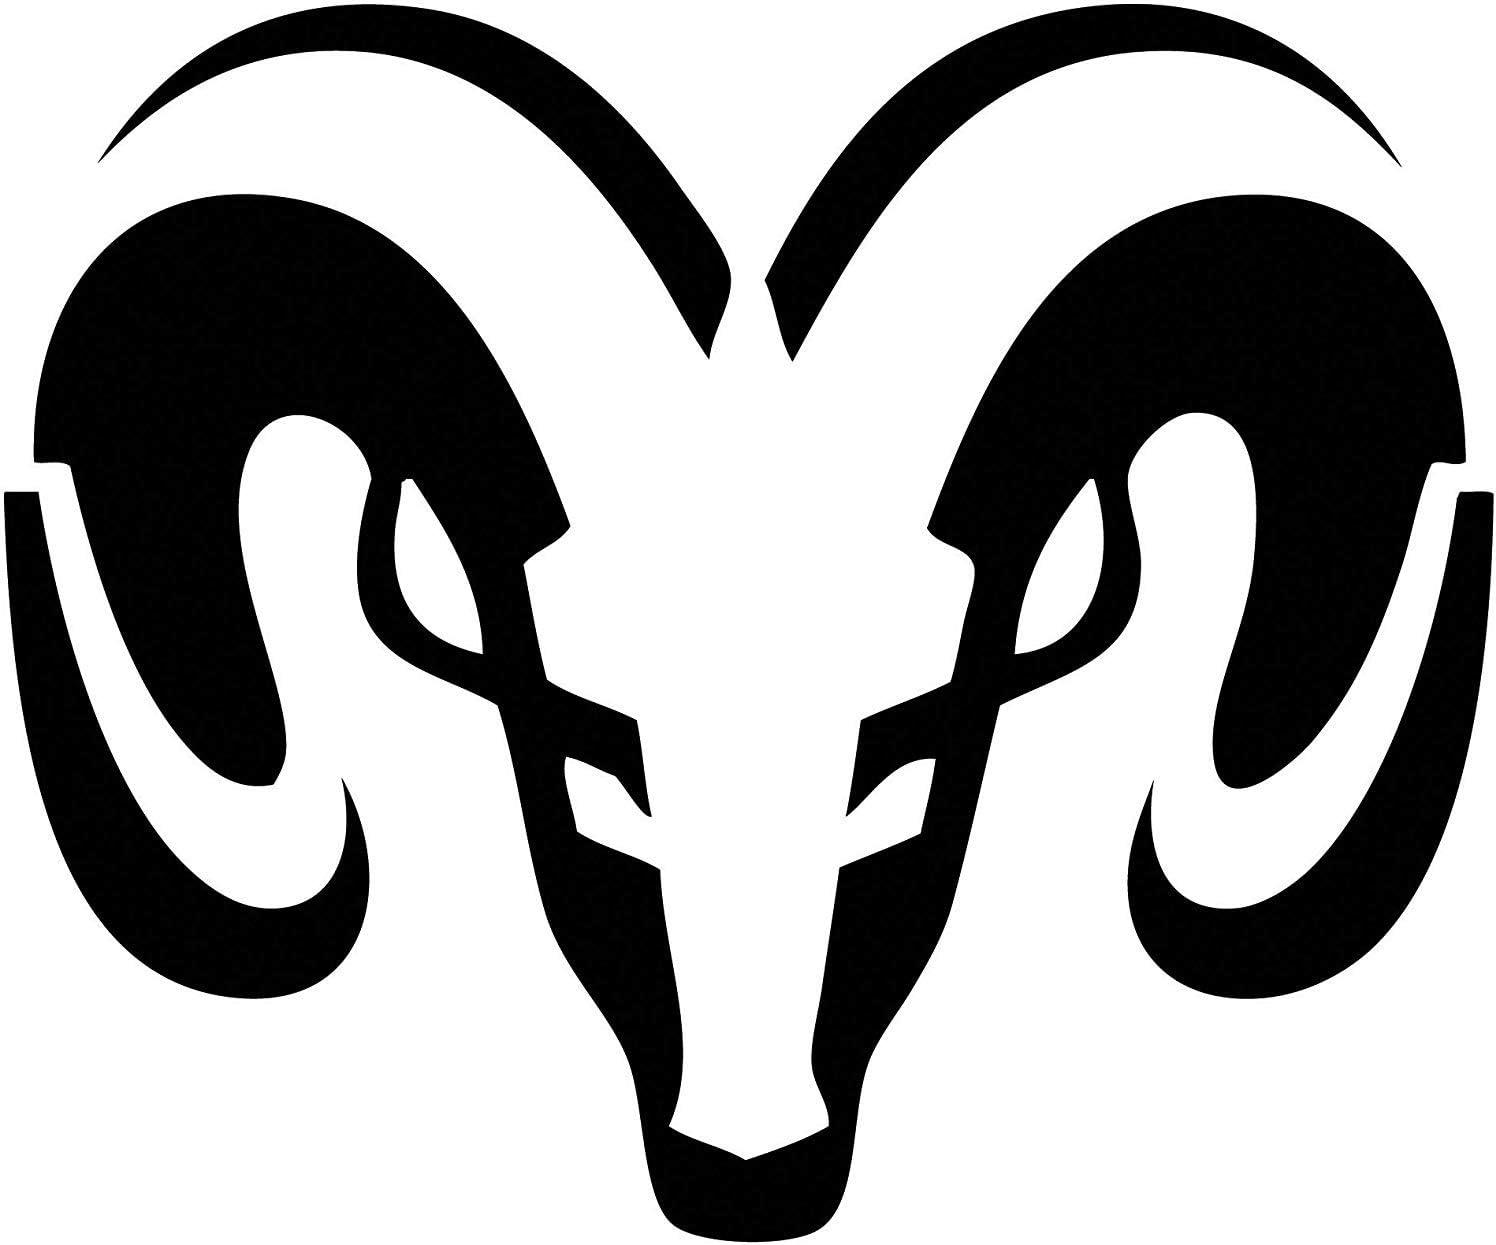 Ram head SILVER rear window decal